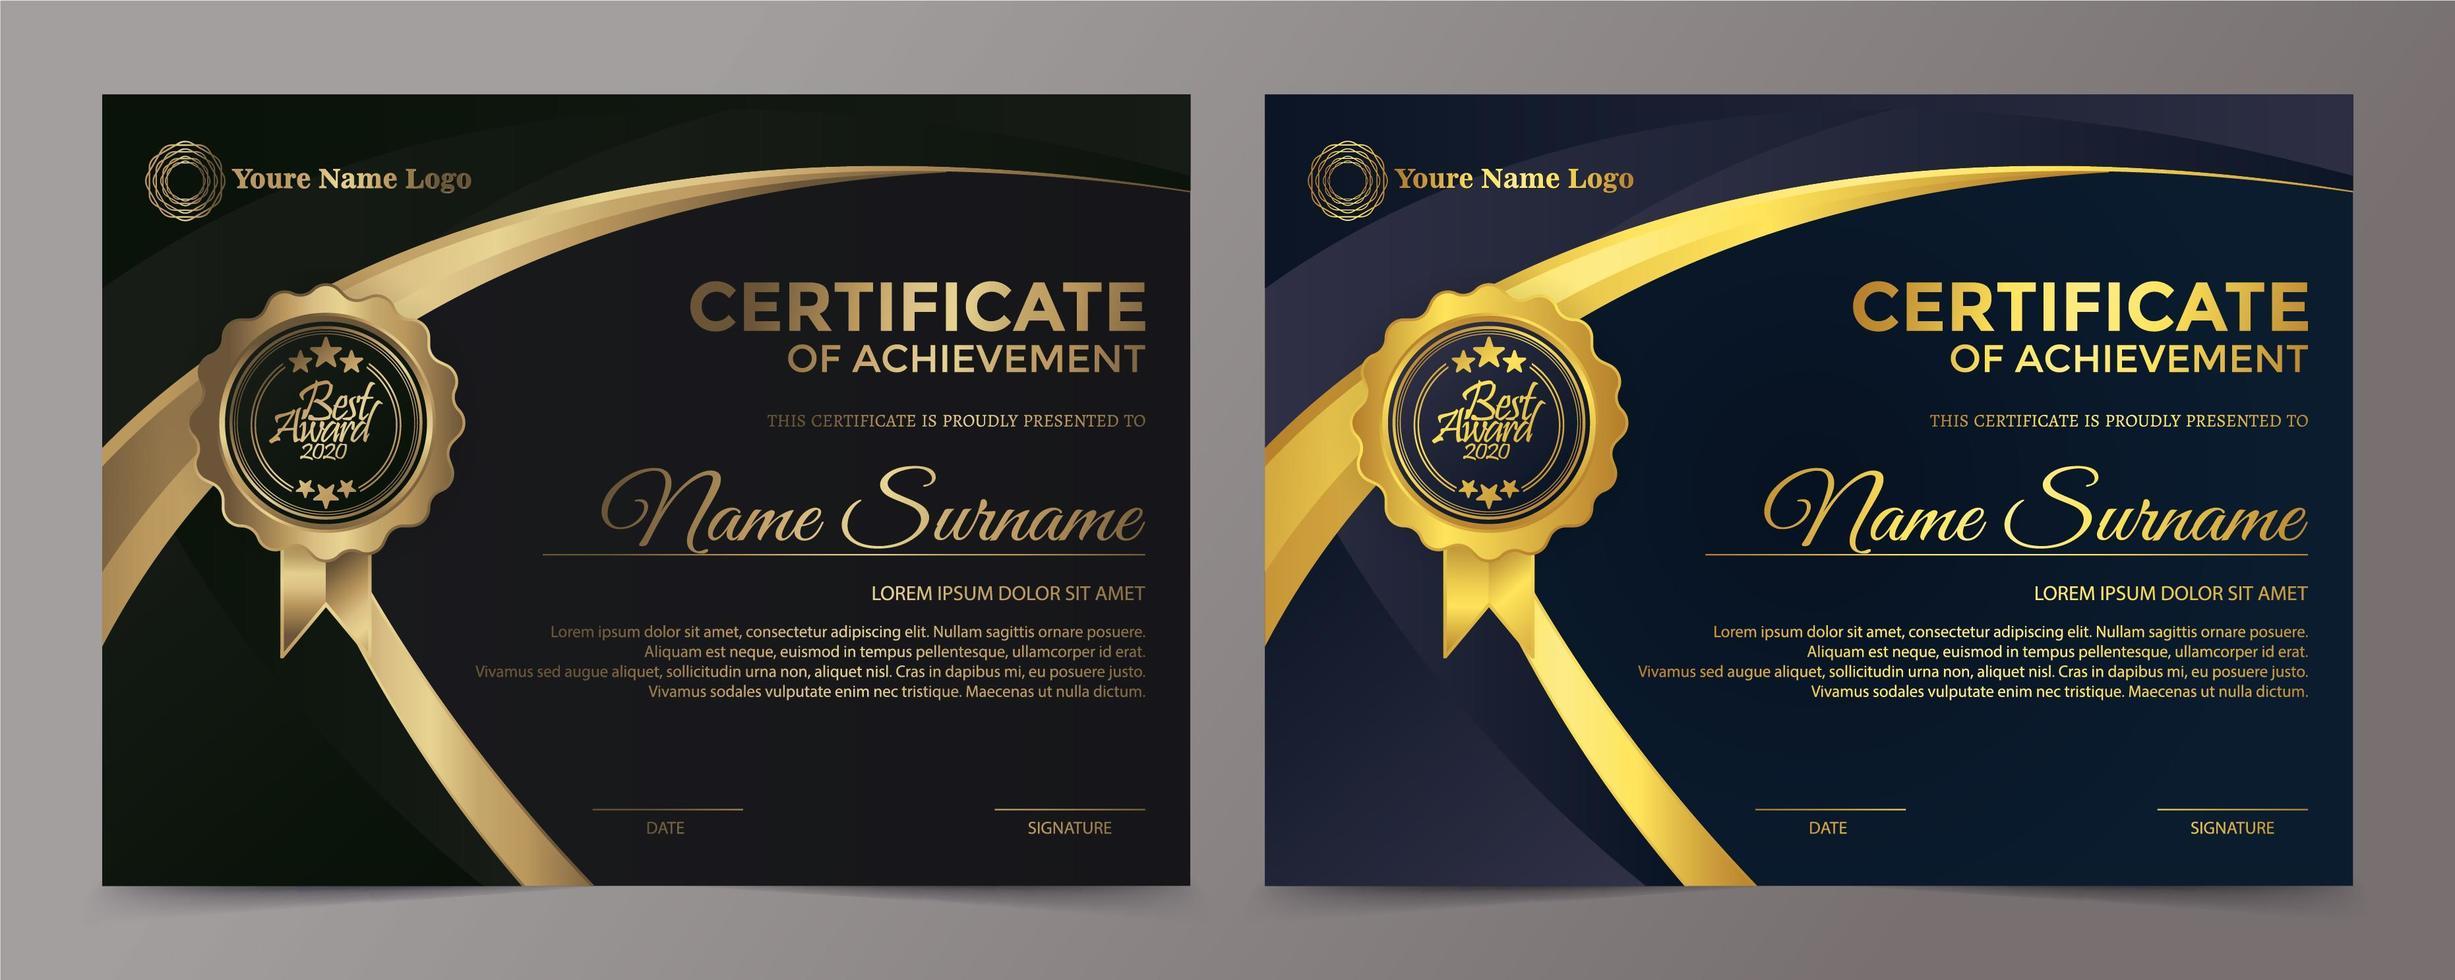 premium gyllene svart certifikat malluppsättning vektor